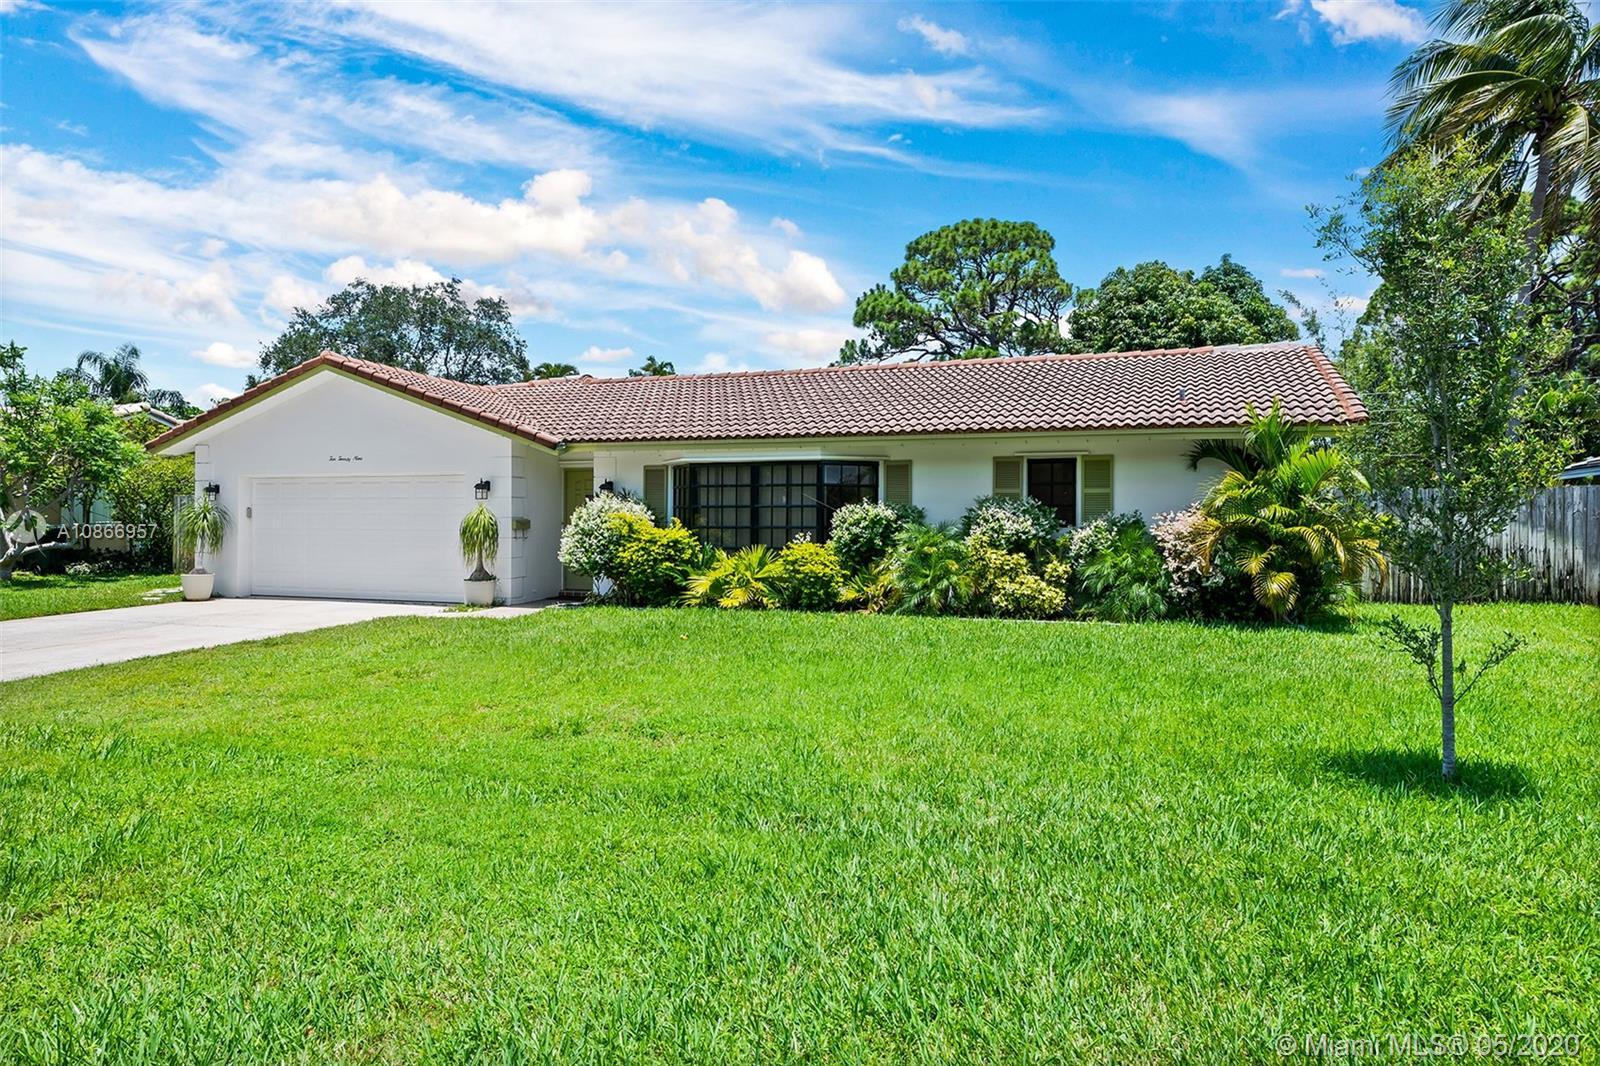 1029 W Palmetto Park Rd, Boca Raton, FL 33486